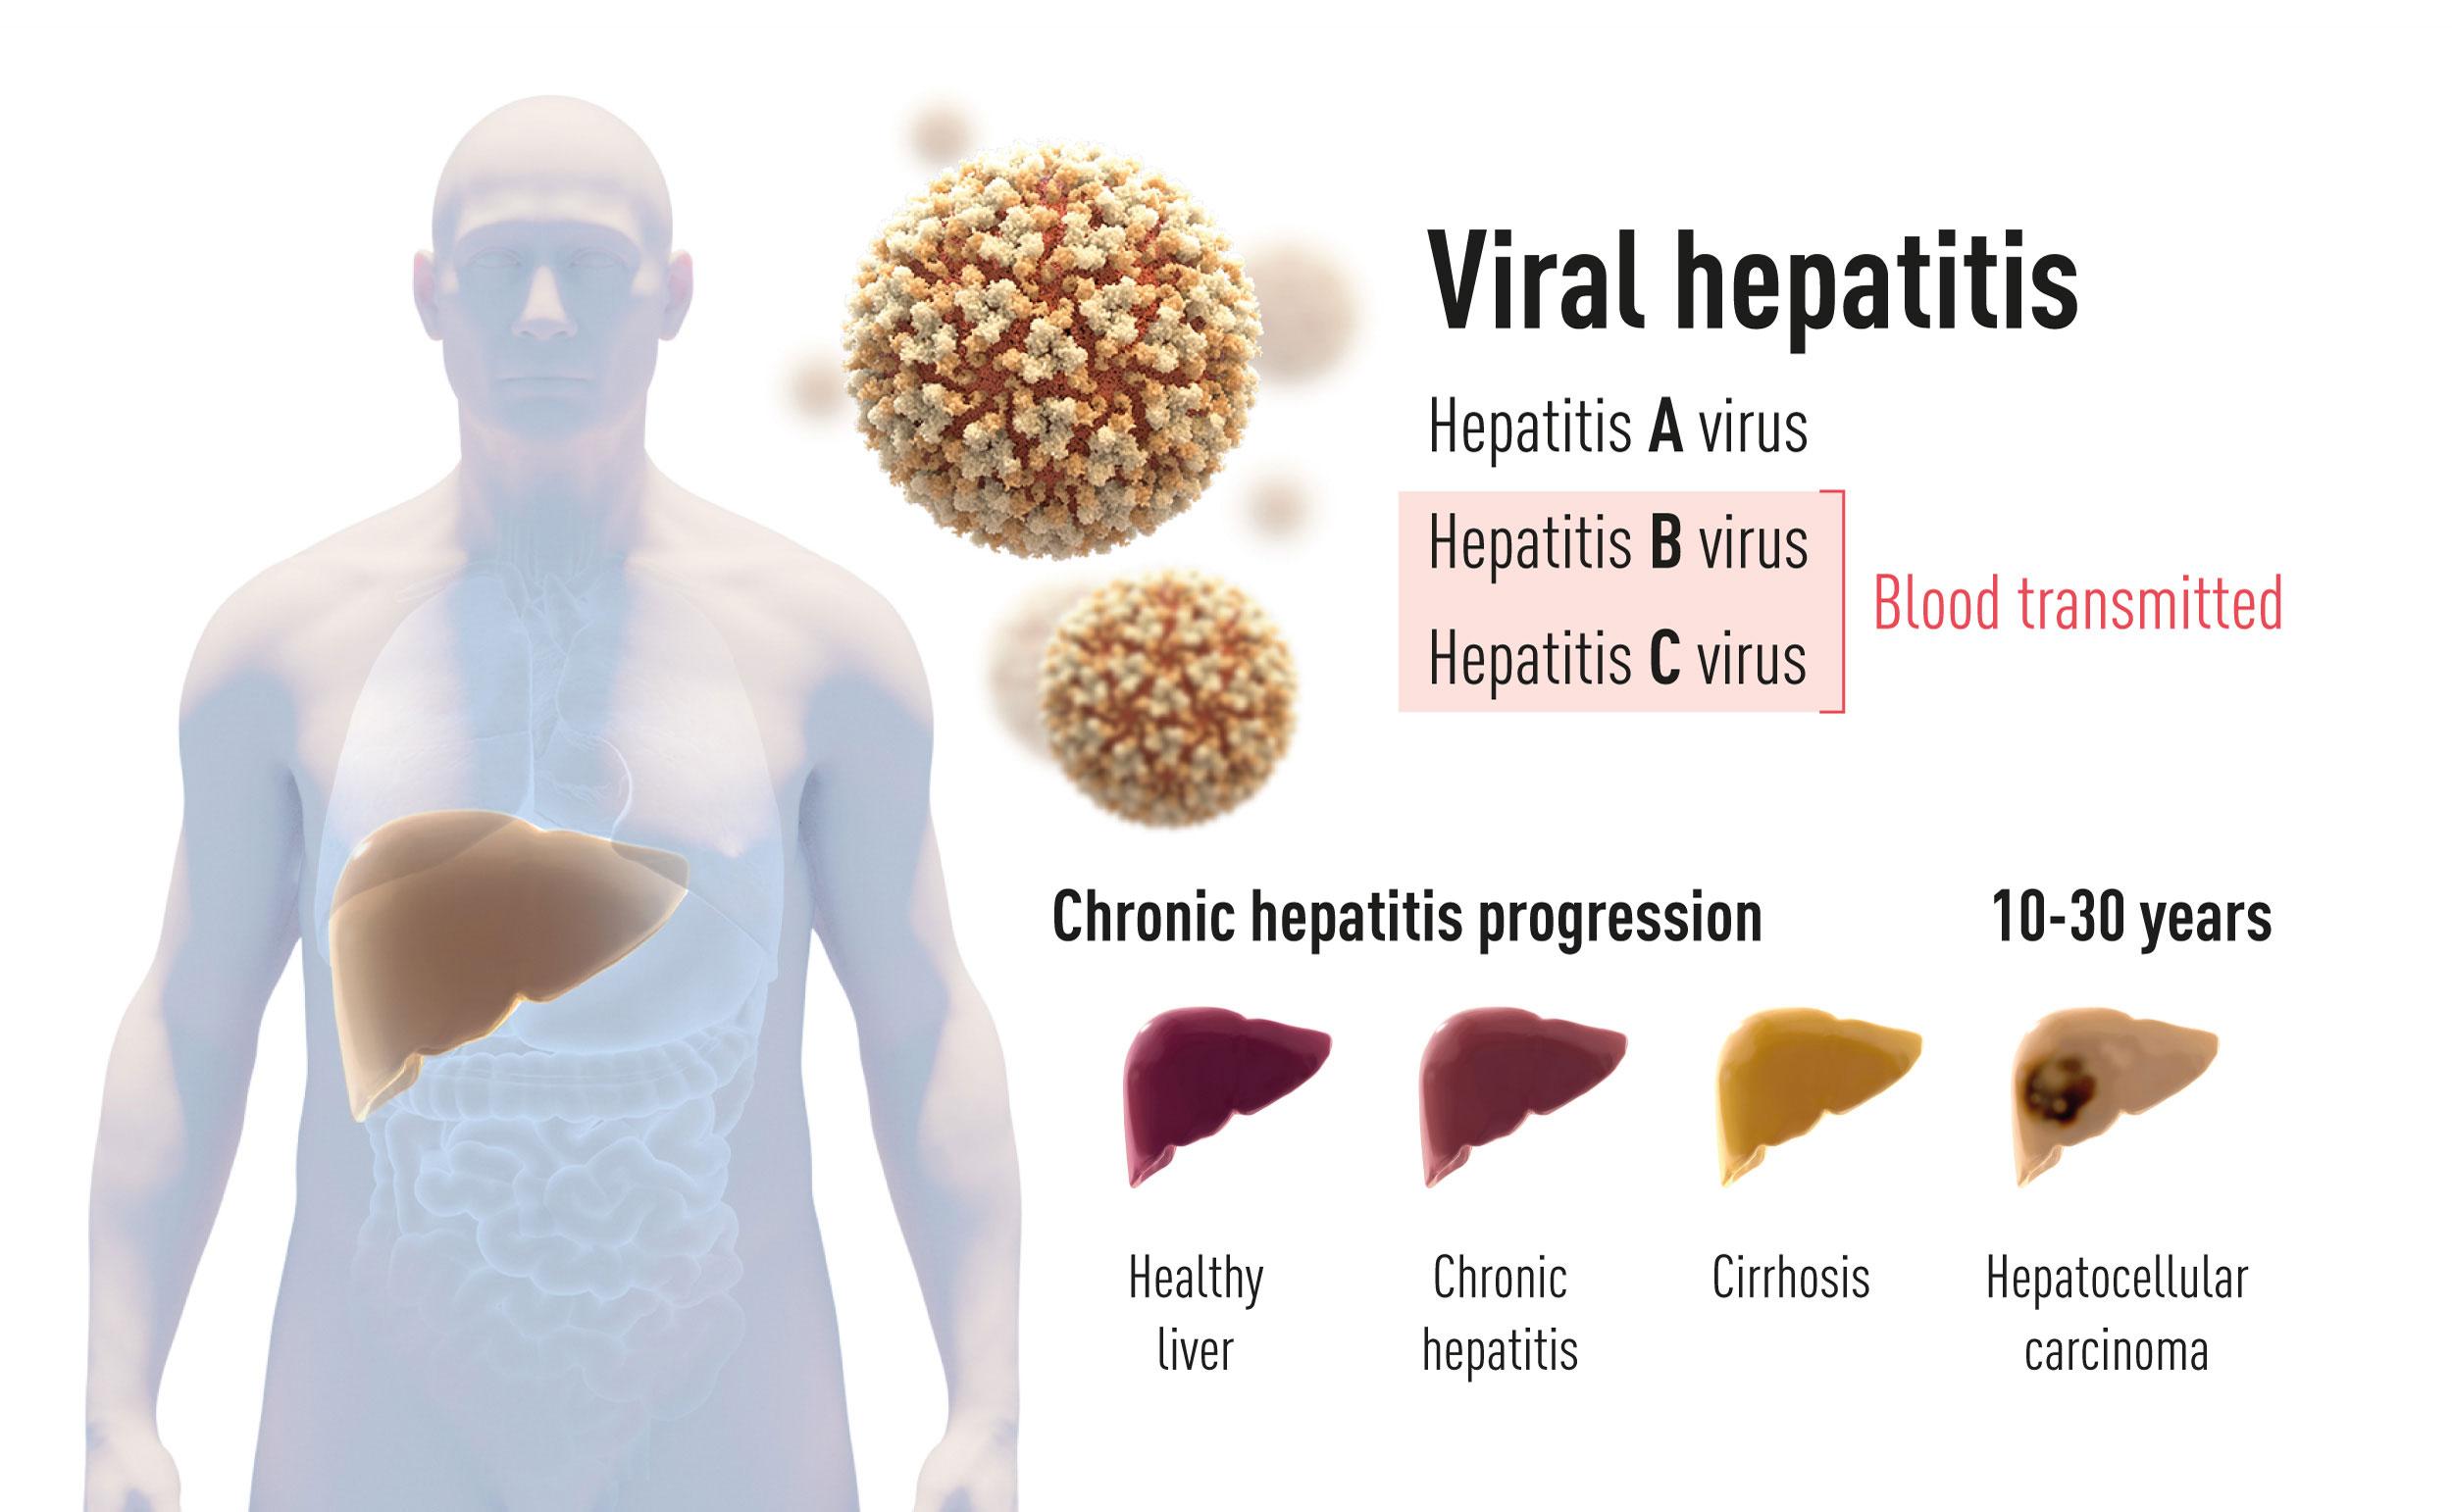 Existem duas formas principais de hepatite. Uma é uma doença aguda causada pelo vírus da hepatite A, que é transmitido pela água ou alimentos contaminados. A outra, causada pelo vírus da hepatite B ou vírus da hepatite C. Esta última de hepatite sanguínea pode levar a uma doença crónica que pode progredir para cirrose e carcinoma hepatocelular.